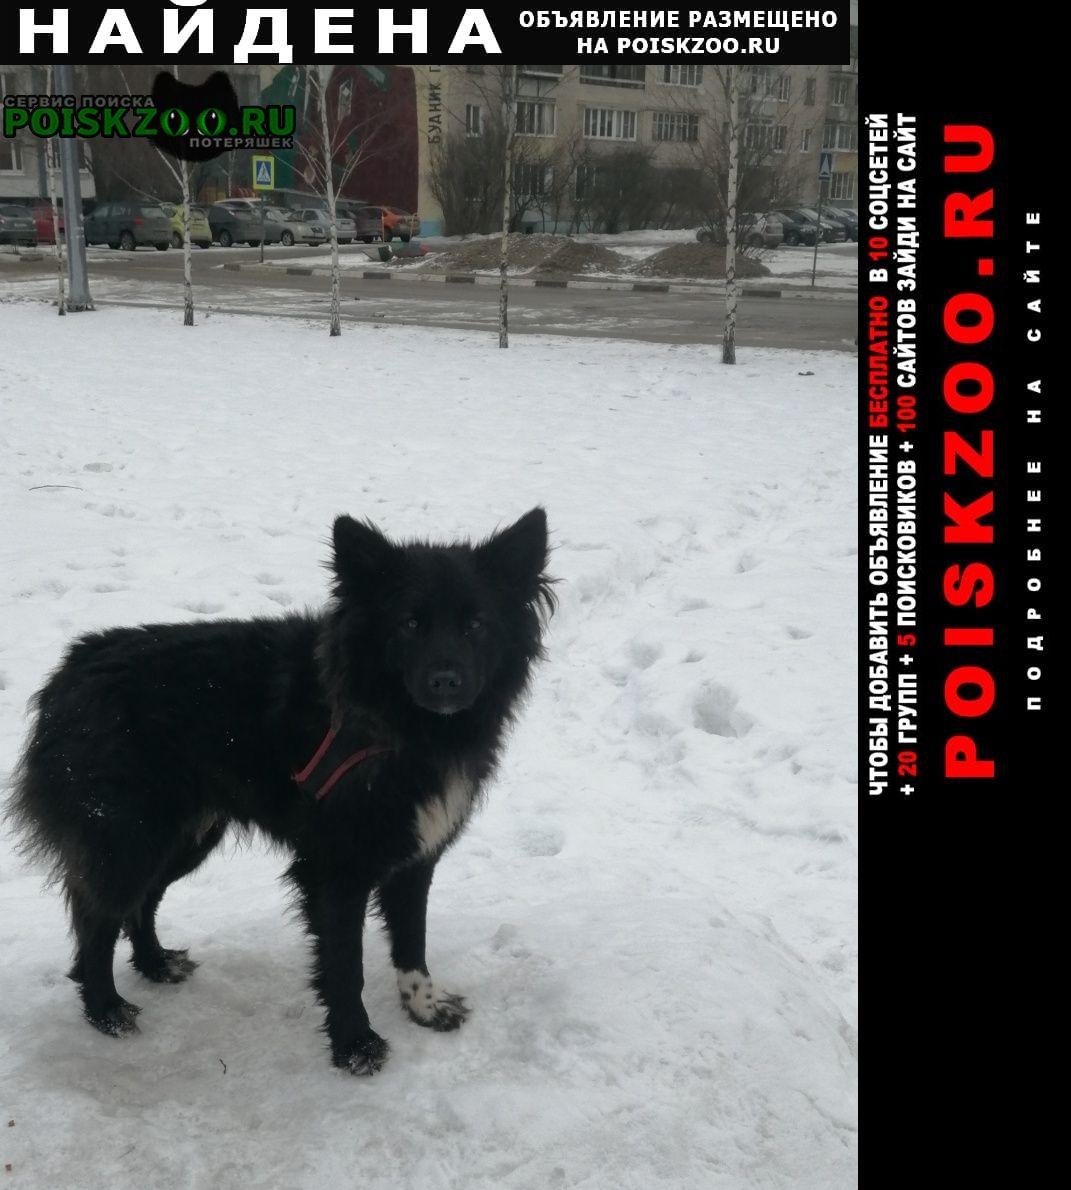 Найдена собака потеряшка в красно чёрной шлейке Лобня